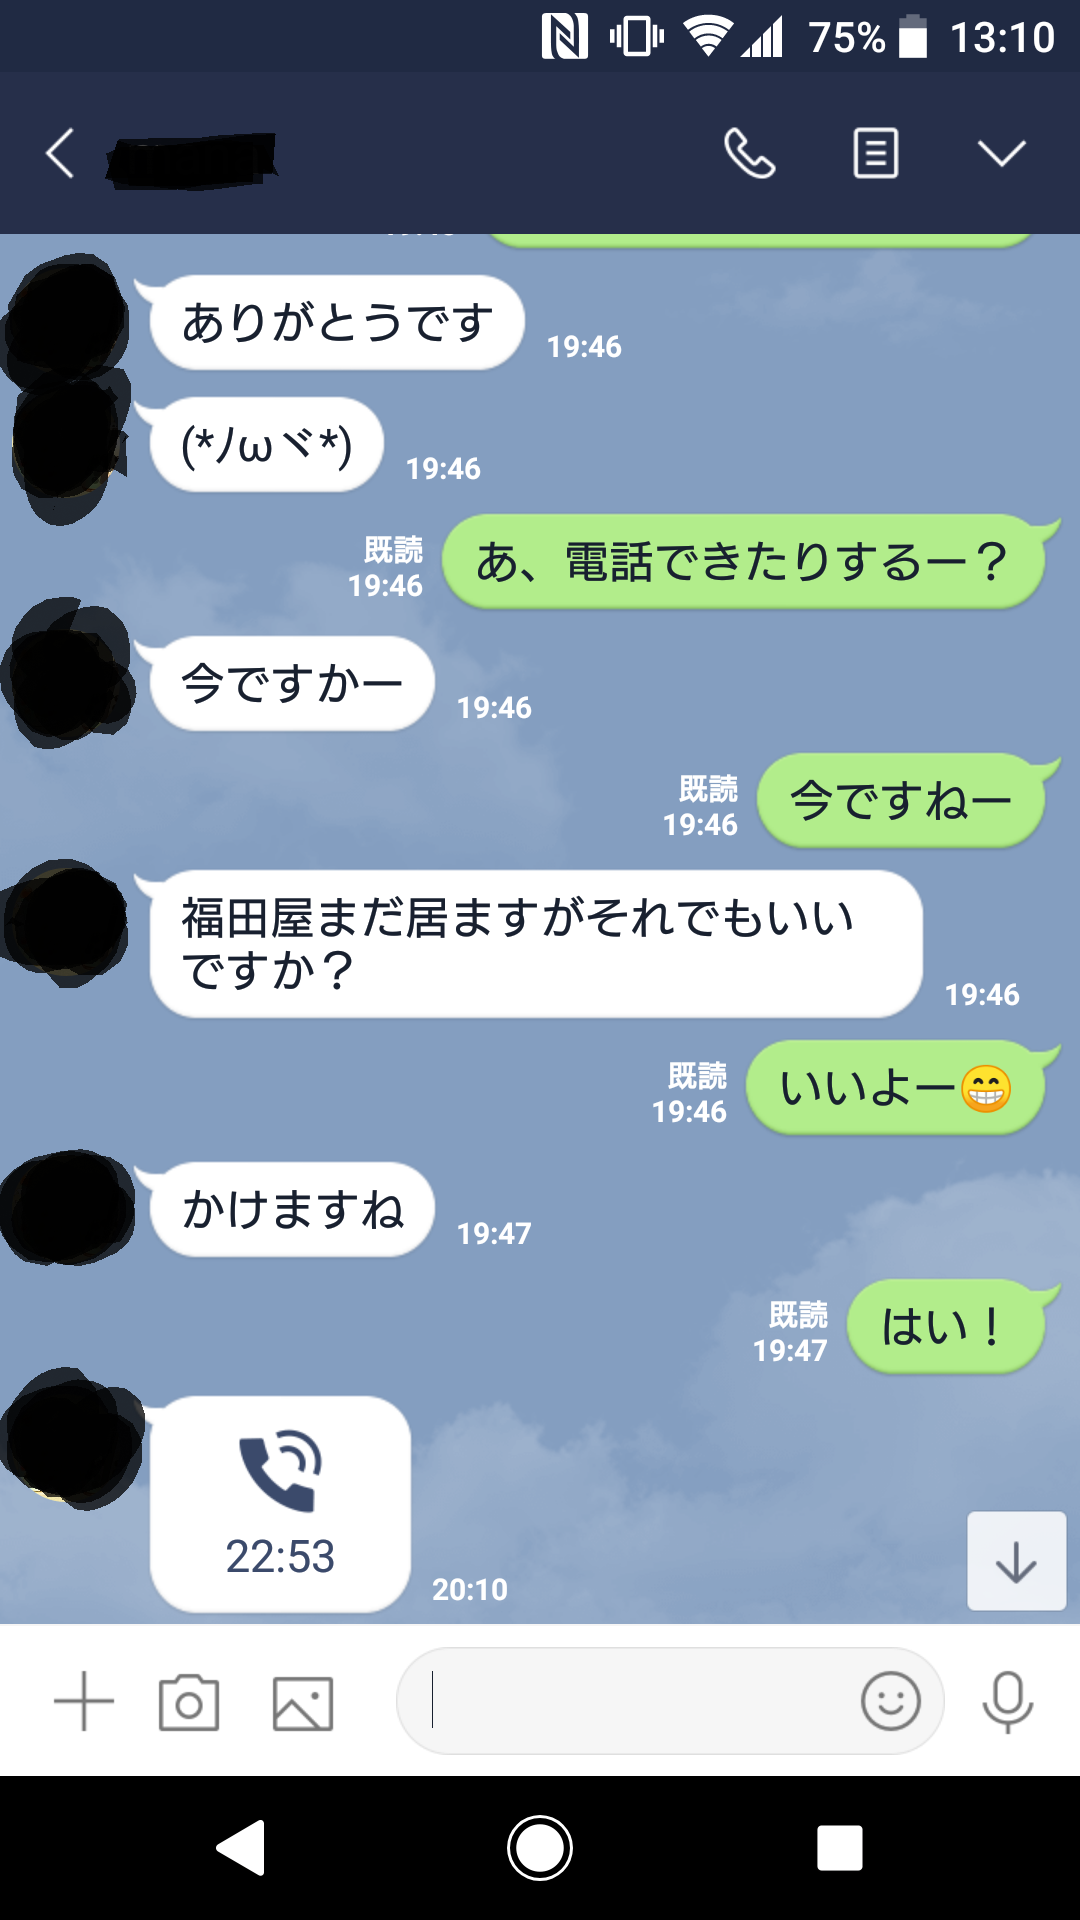 asahoui